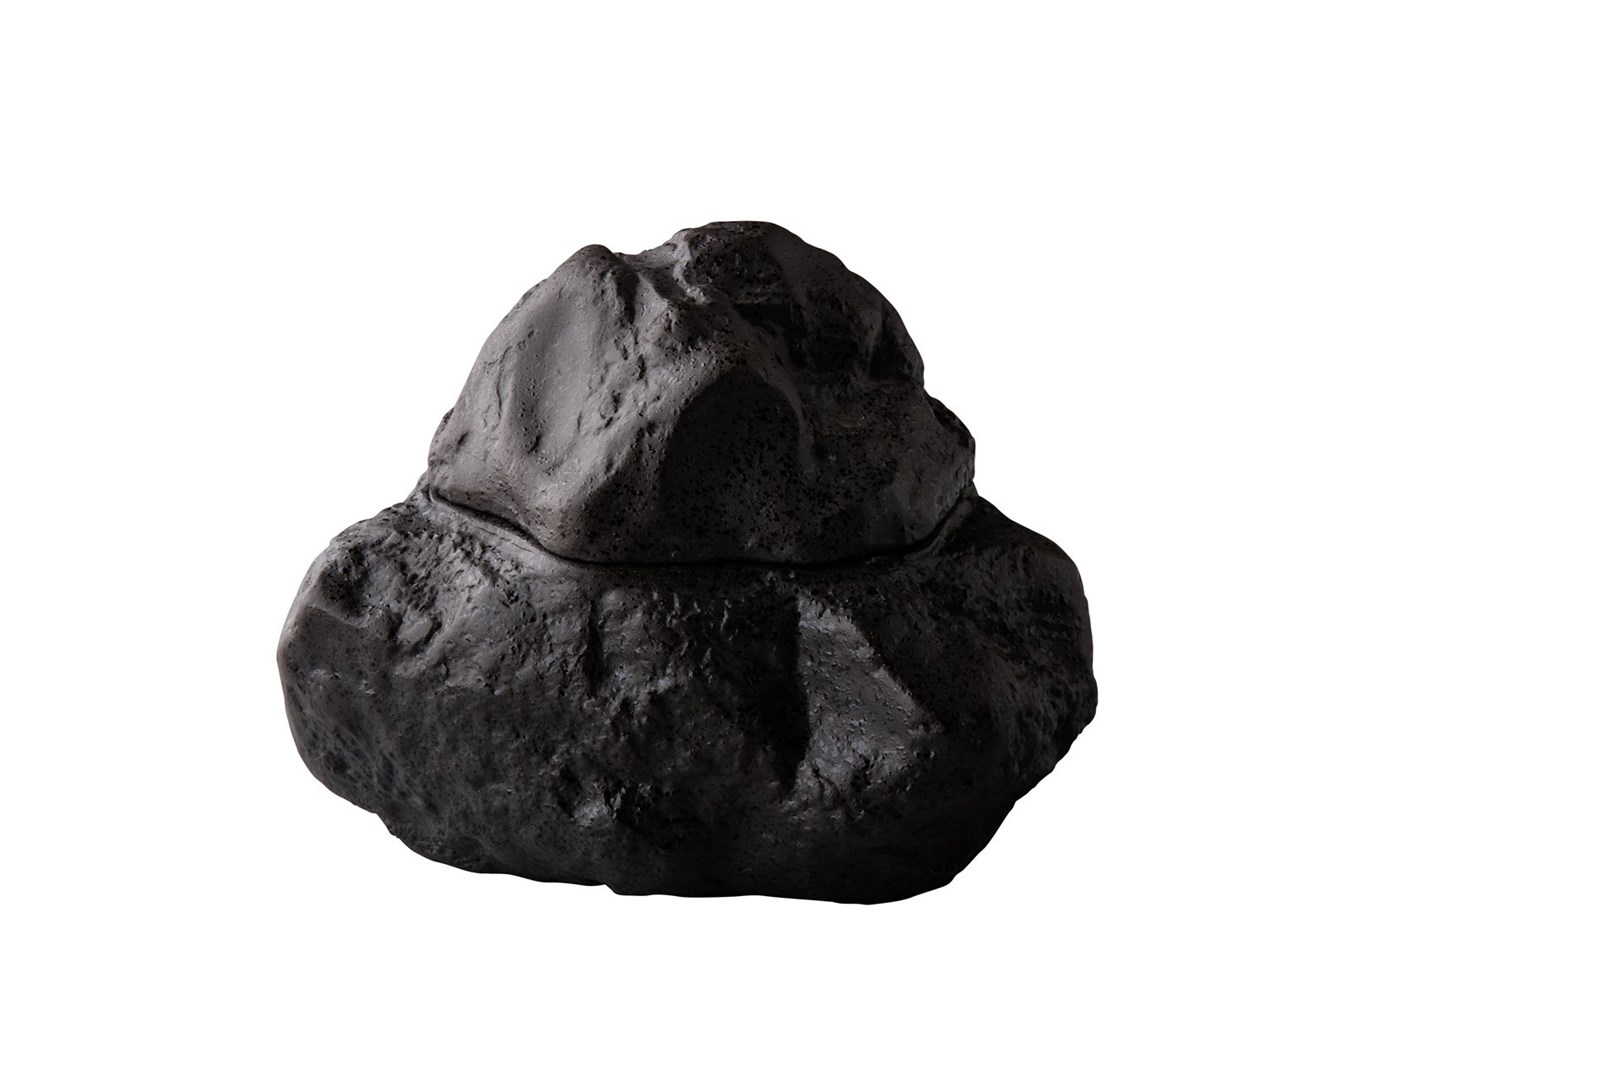 Productafbeelding Natuur steen met deksel 16,5 cm